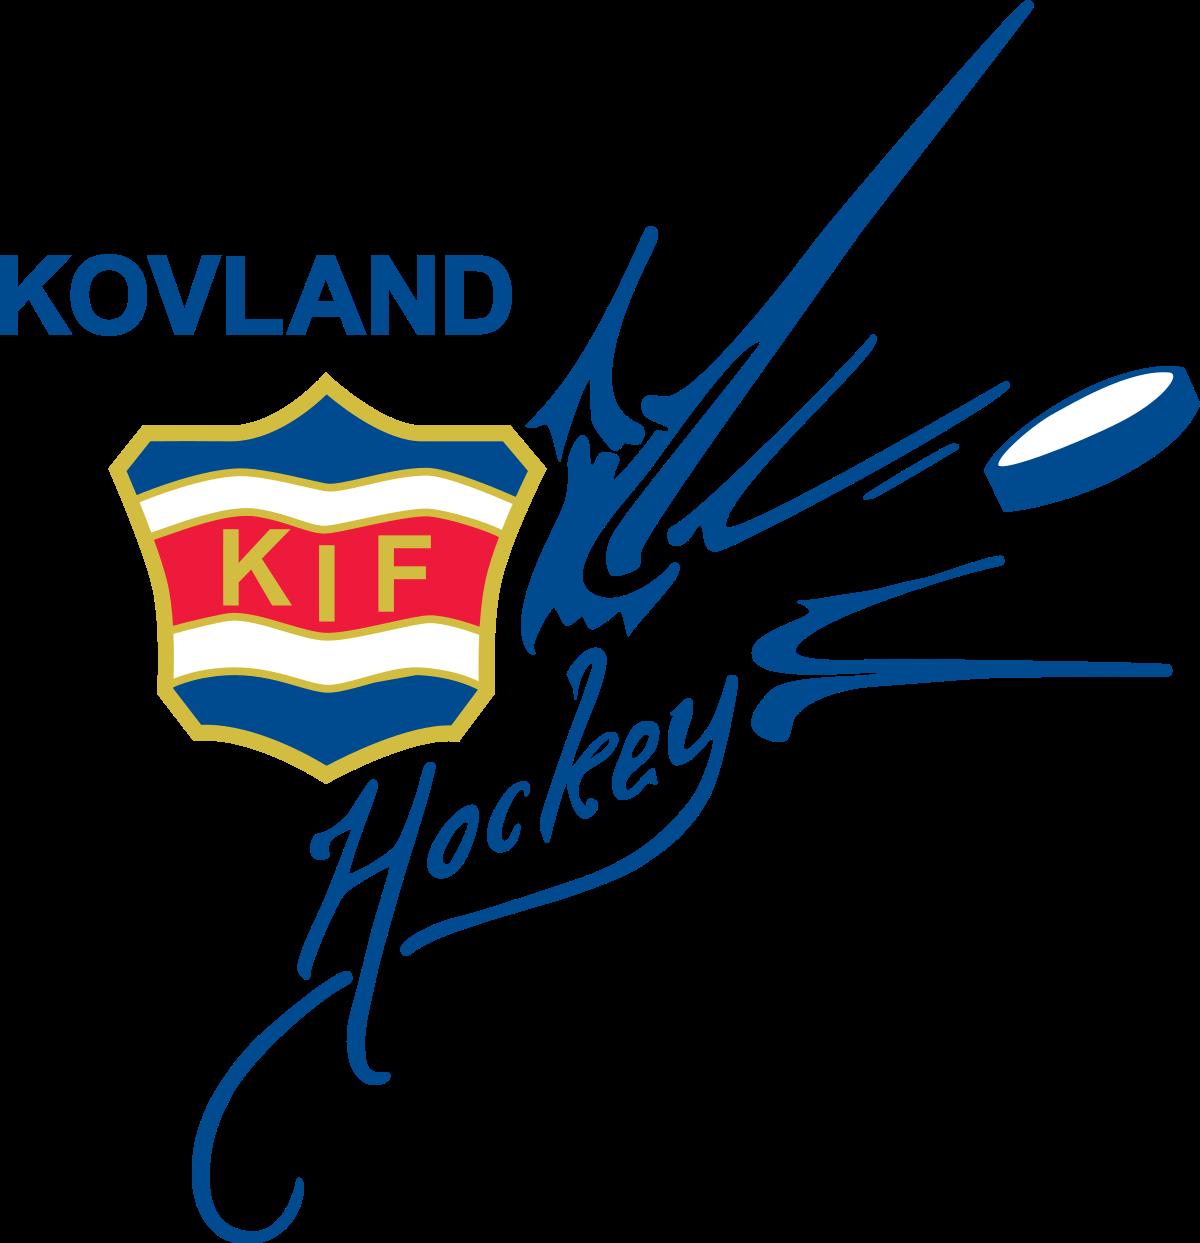 Kovlands Ishockeyförening är anslutna till Onlinerabatt